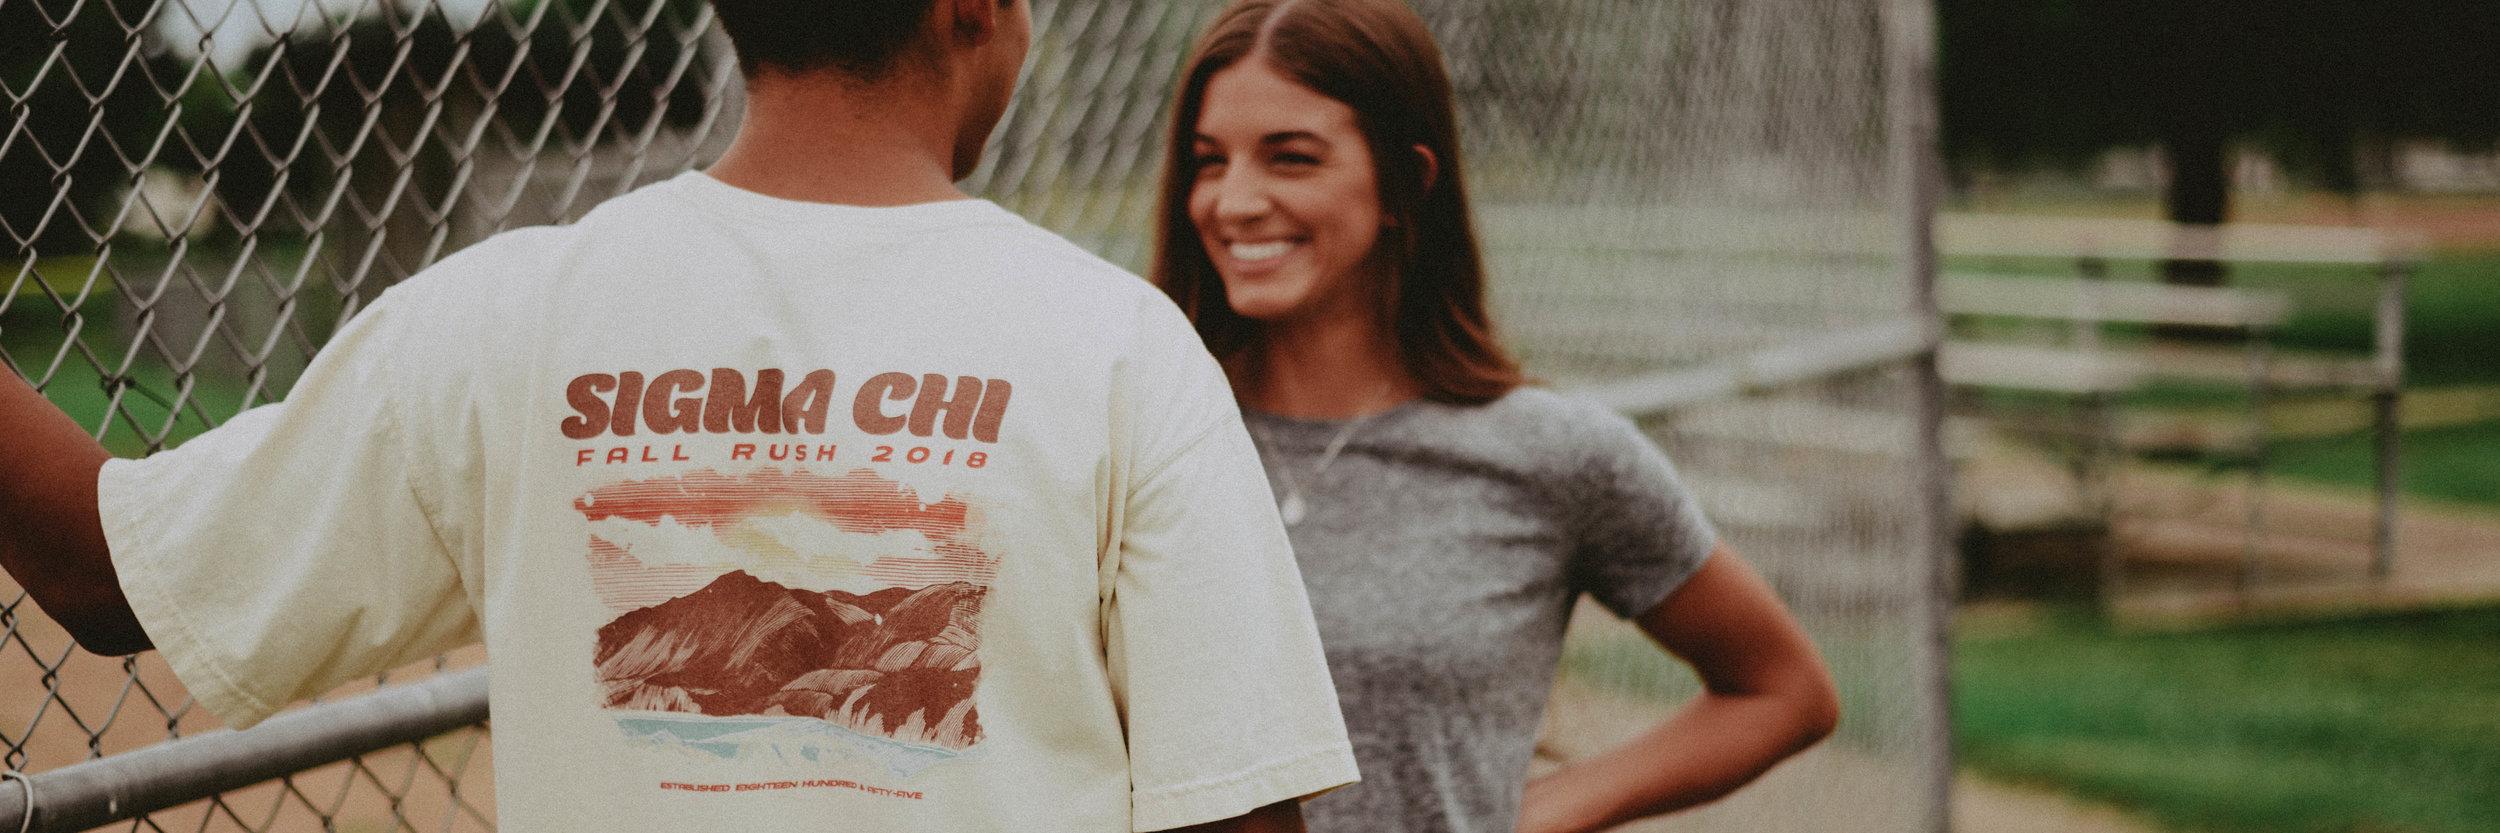 Sigma Chi Tshirt Designs -